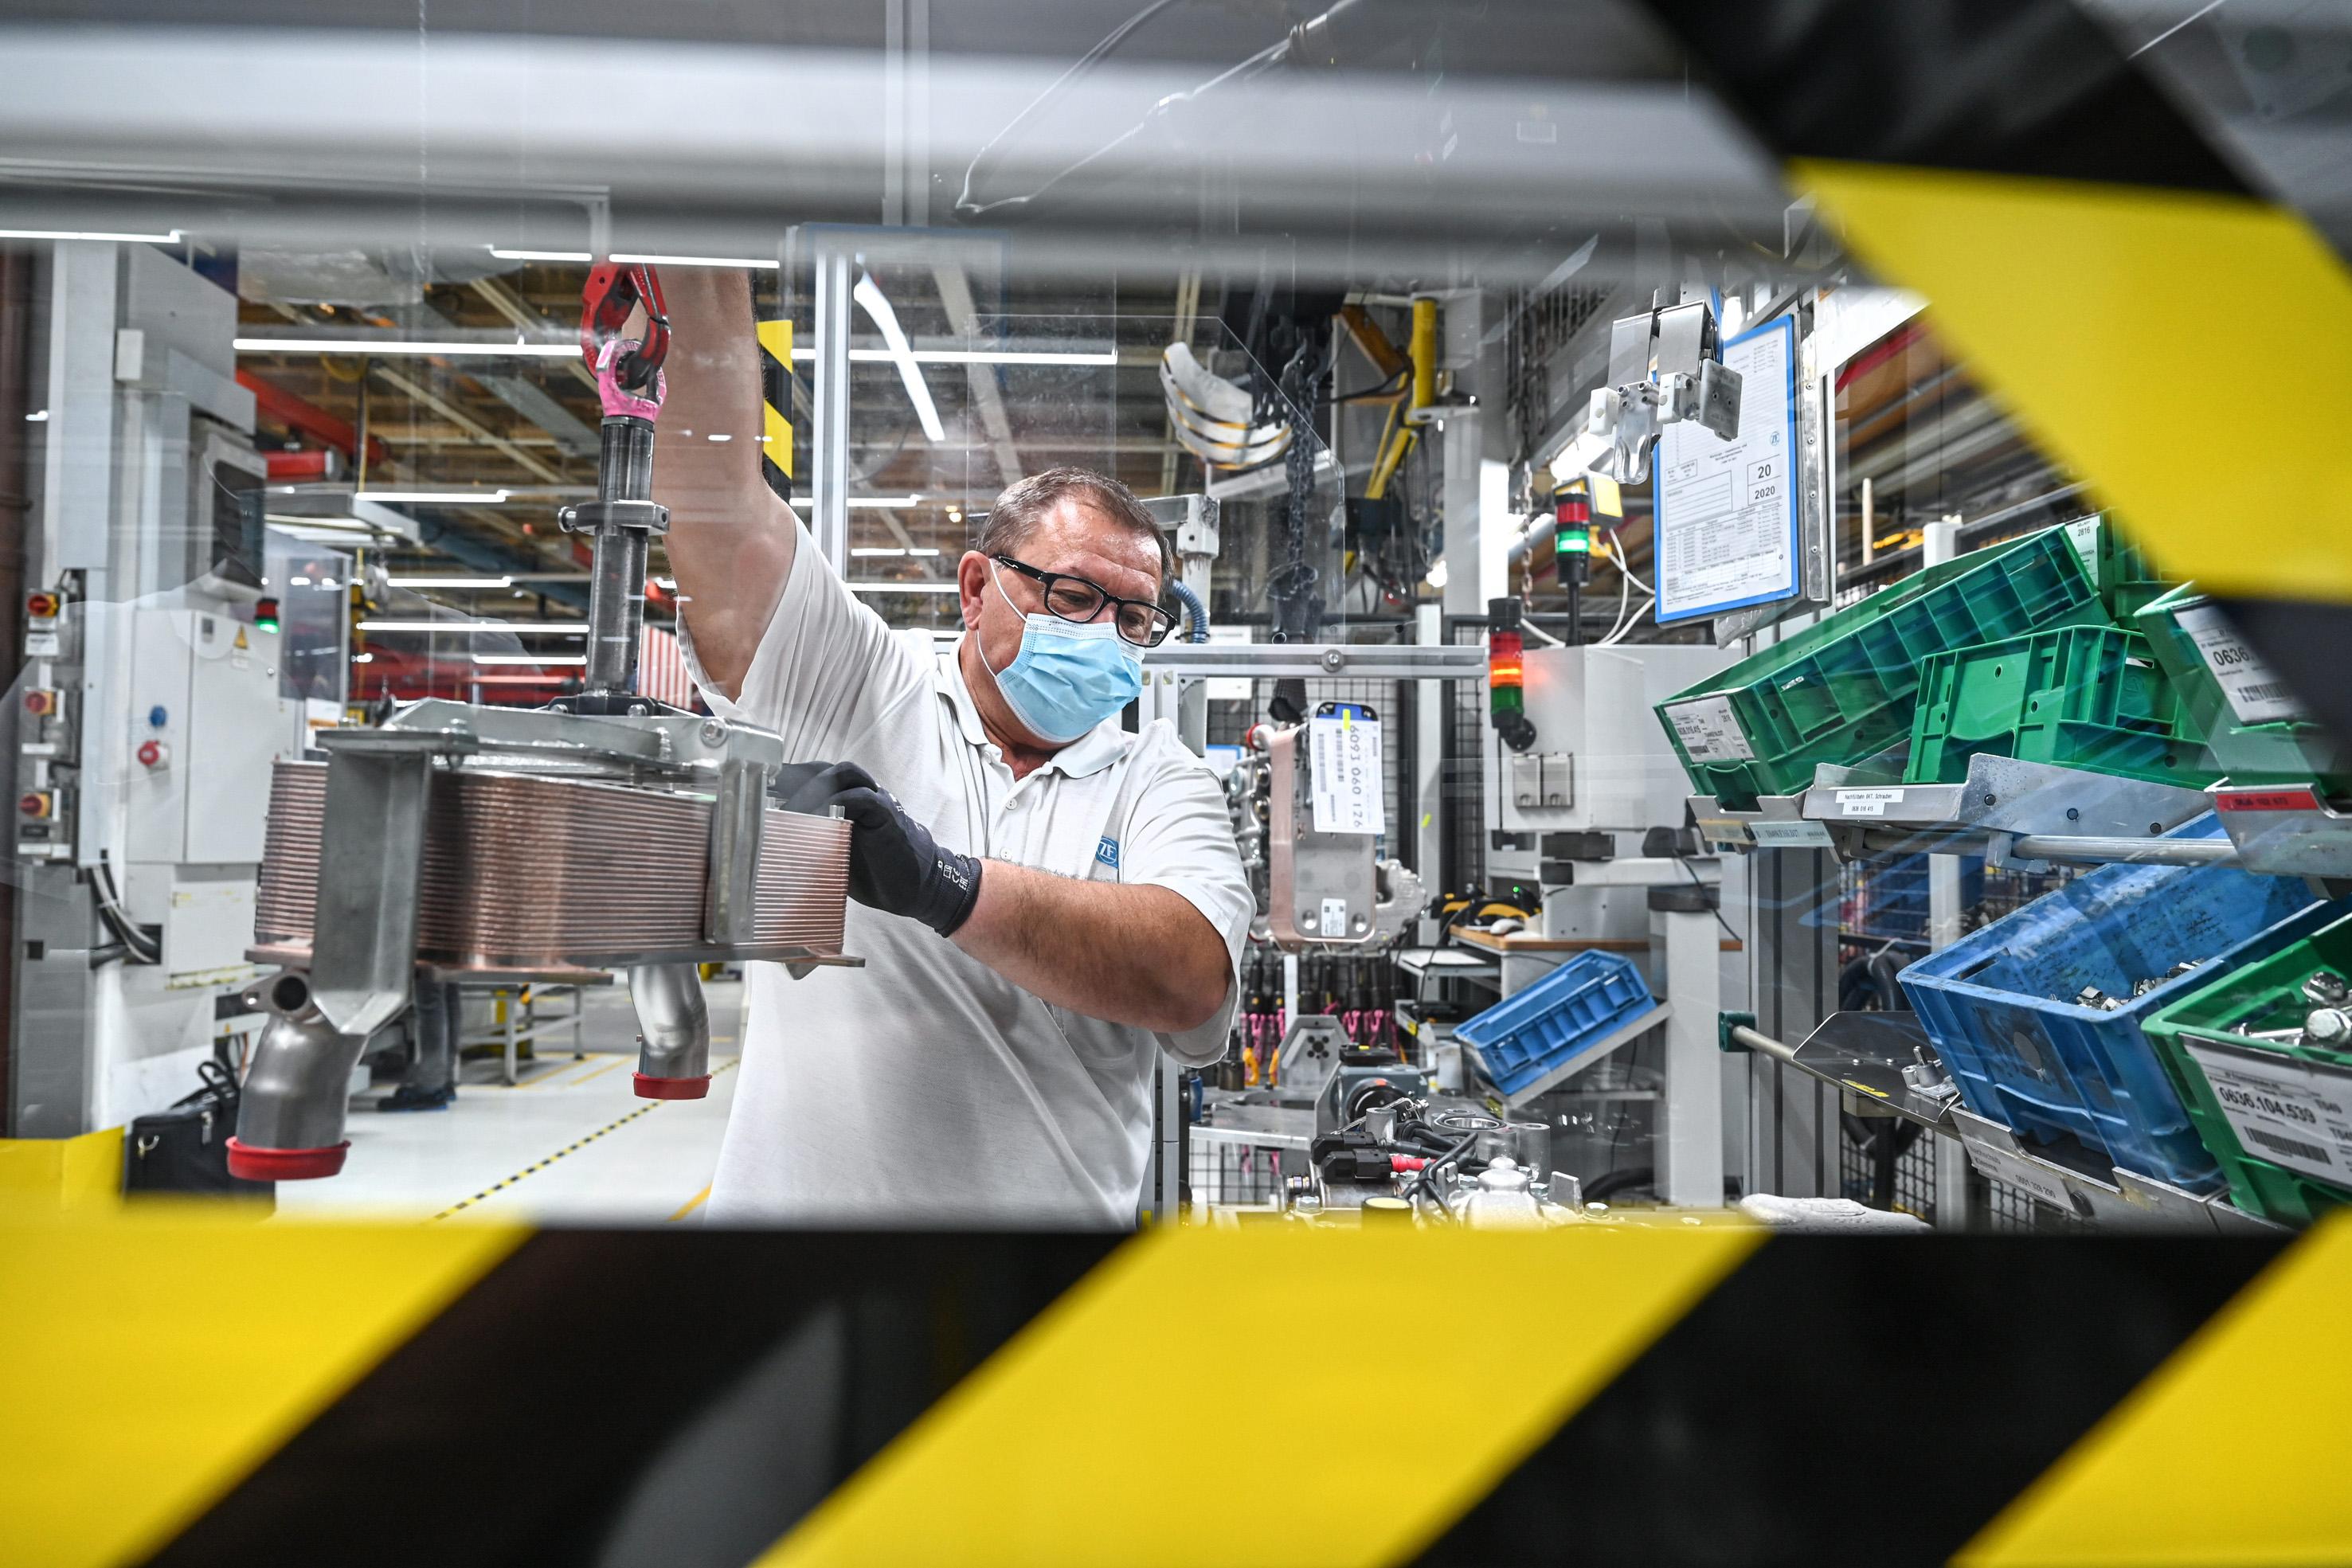 Beschäftigung und Standorte sind zunächst gesichert: Jetzt beginnt bei Automobilzulieferer ZF Friedrichshafen die Phase der Zukunftsplanungen. Foto: ZF